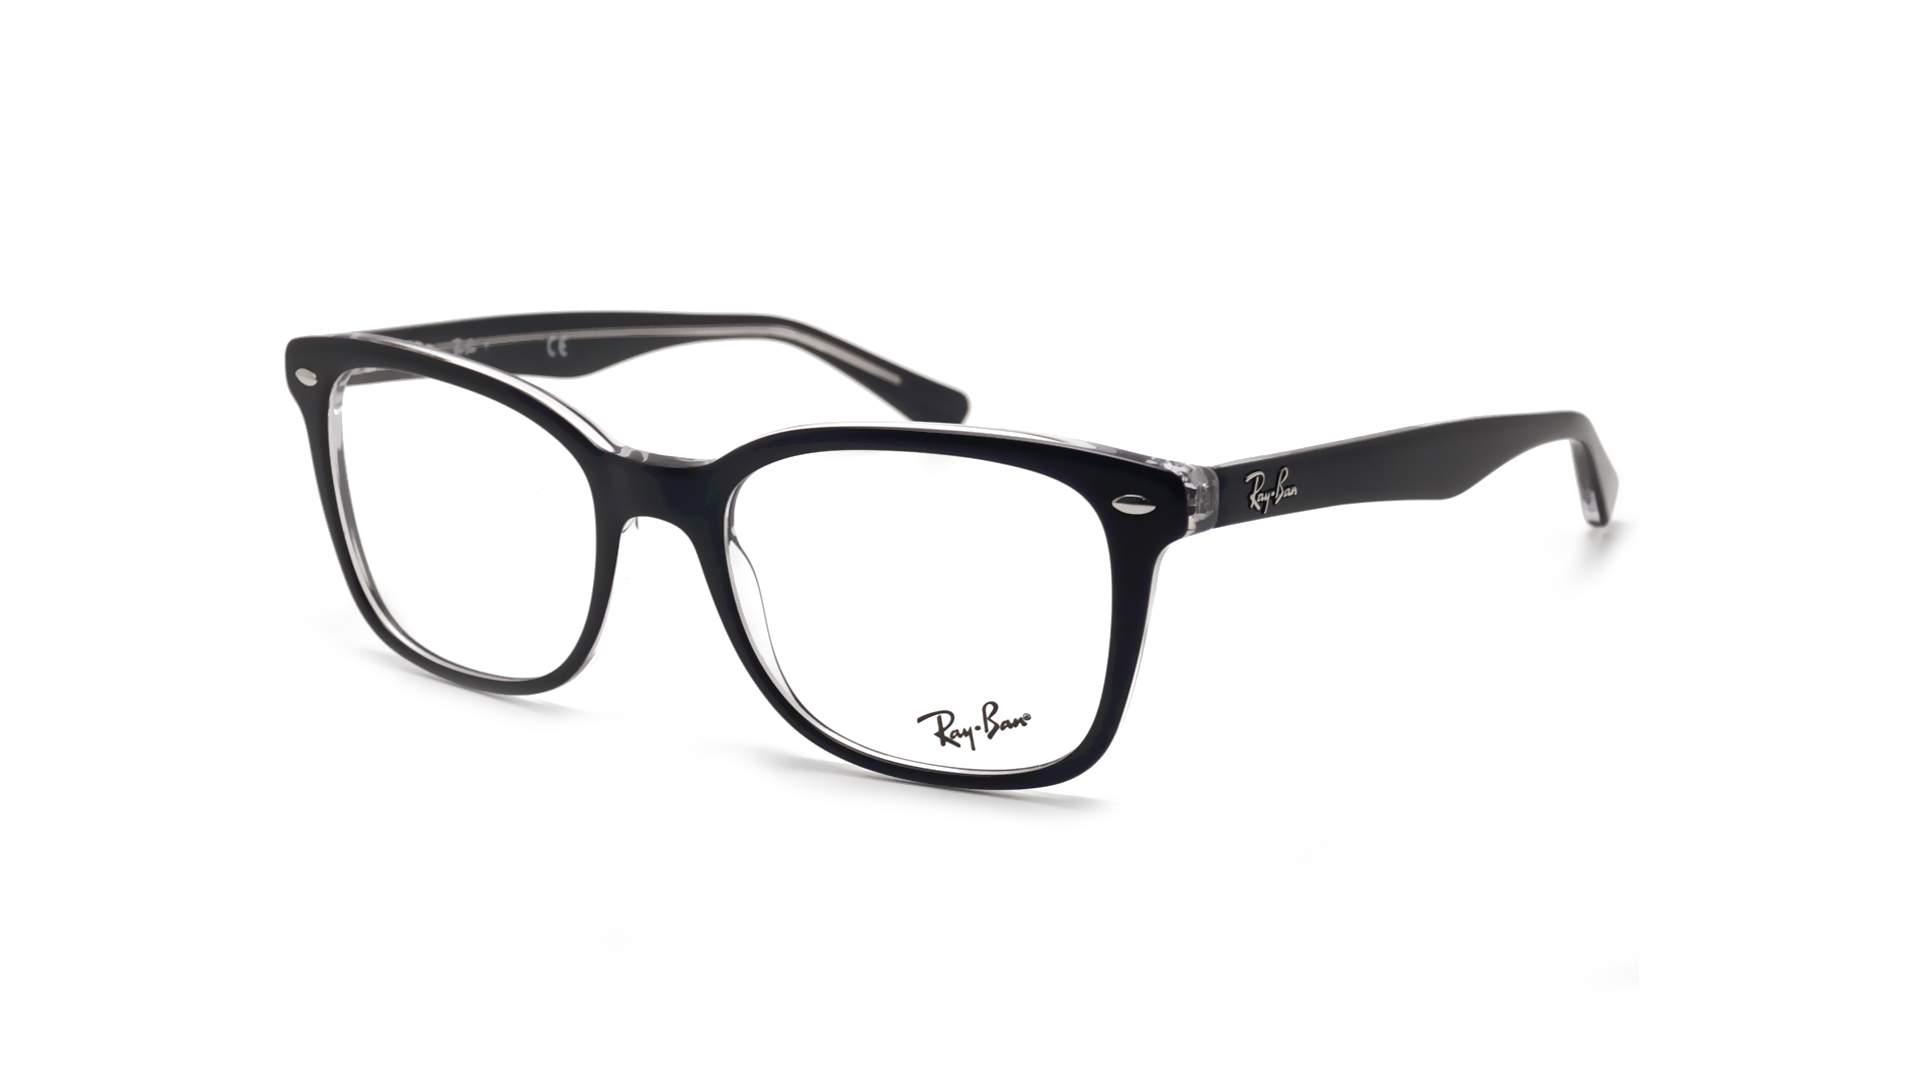 c7118f72a8 Eyeglasses Ray-Ban RX5285 RB5285 5764 53-19 Black Medium